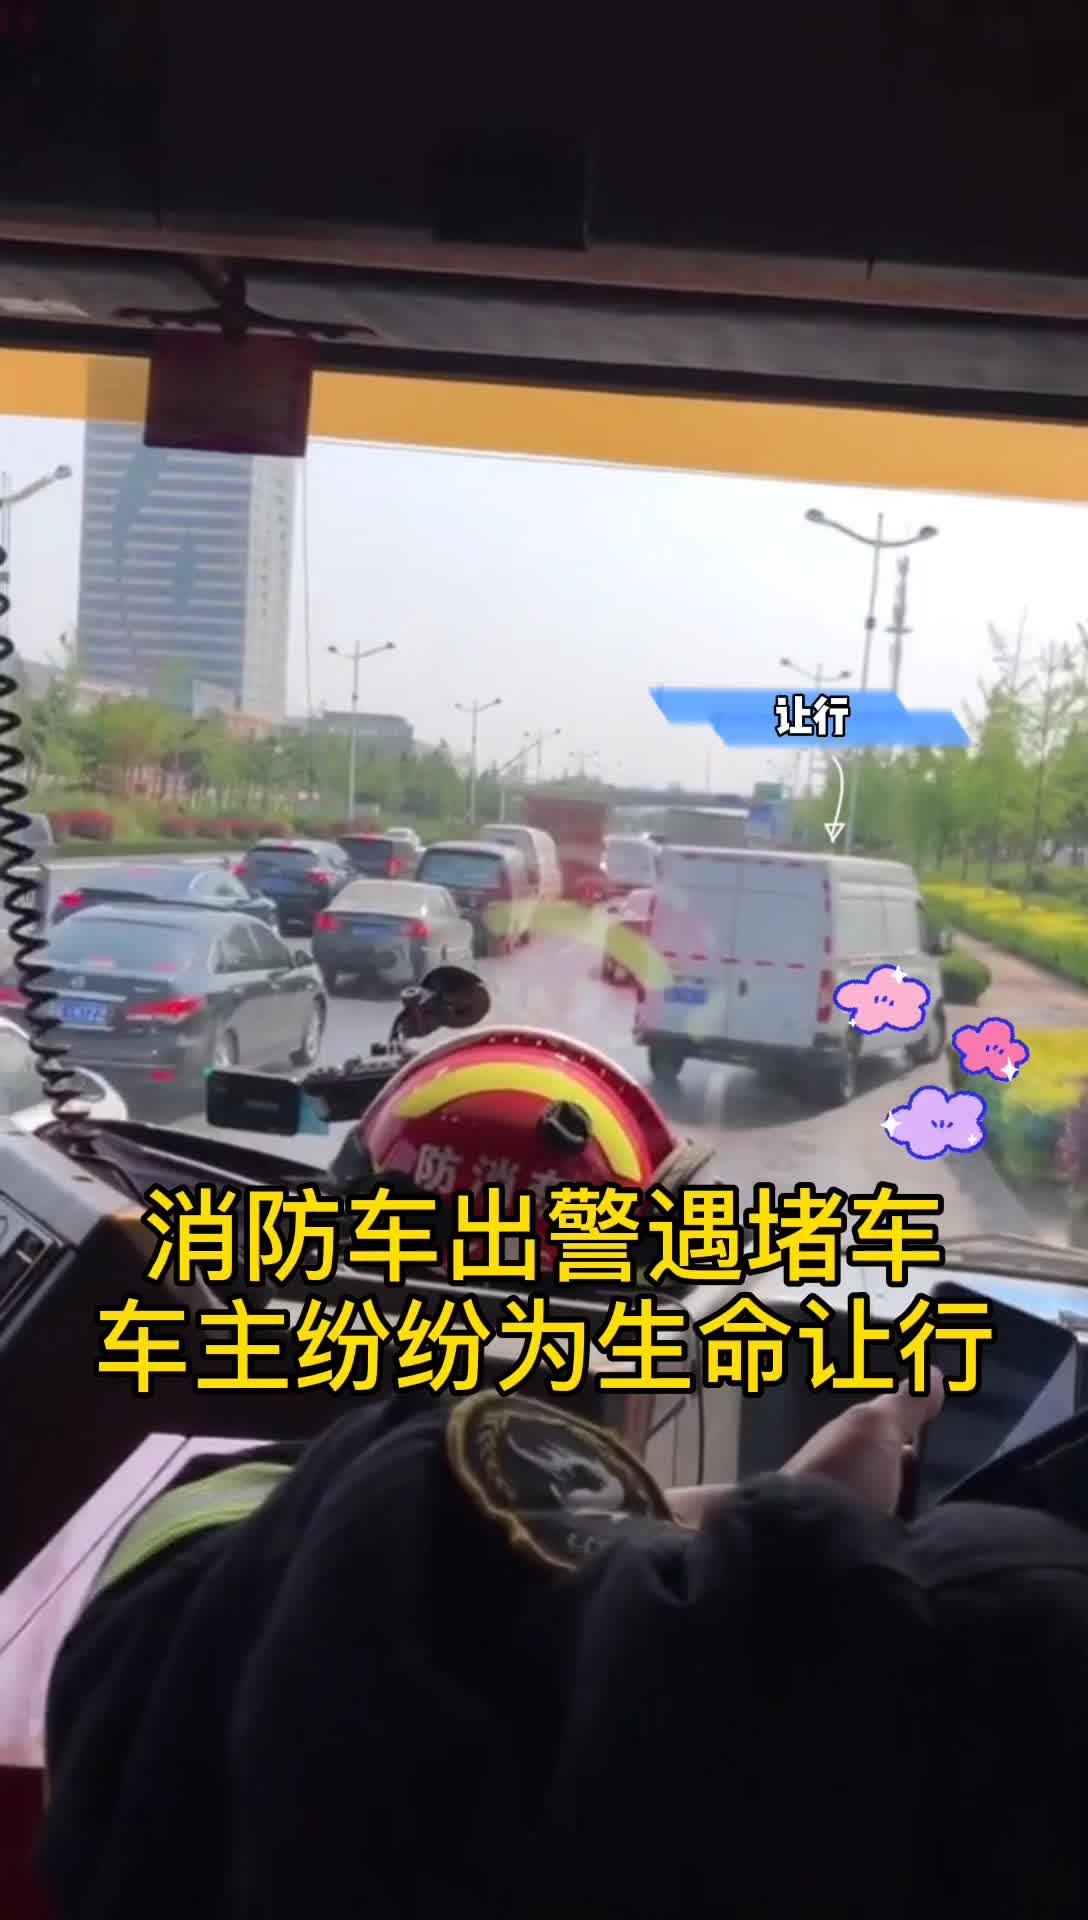 感动!私家车为消防车让行,让出一条生命通道……